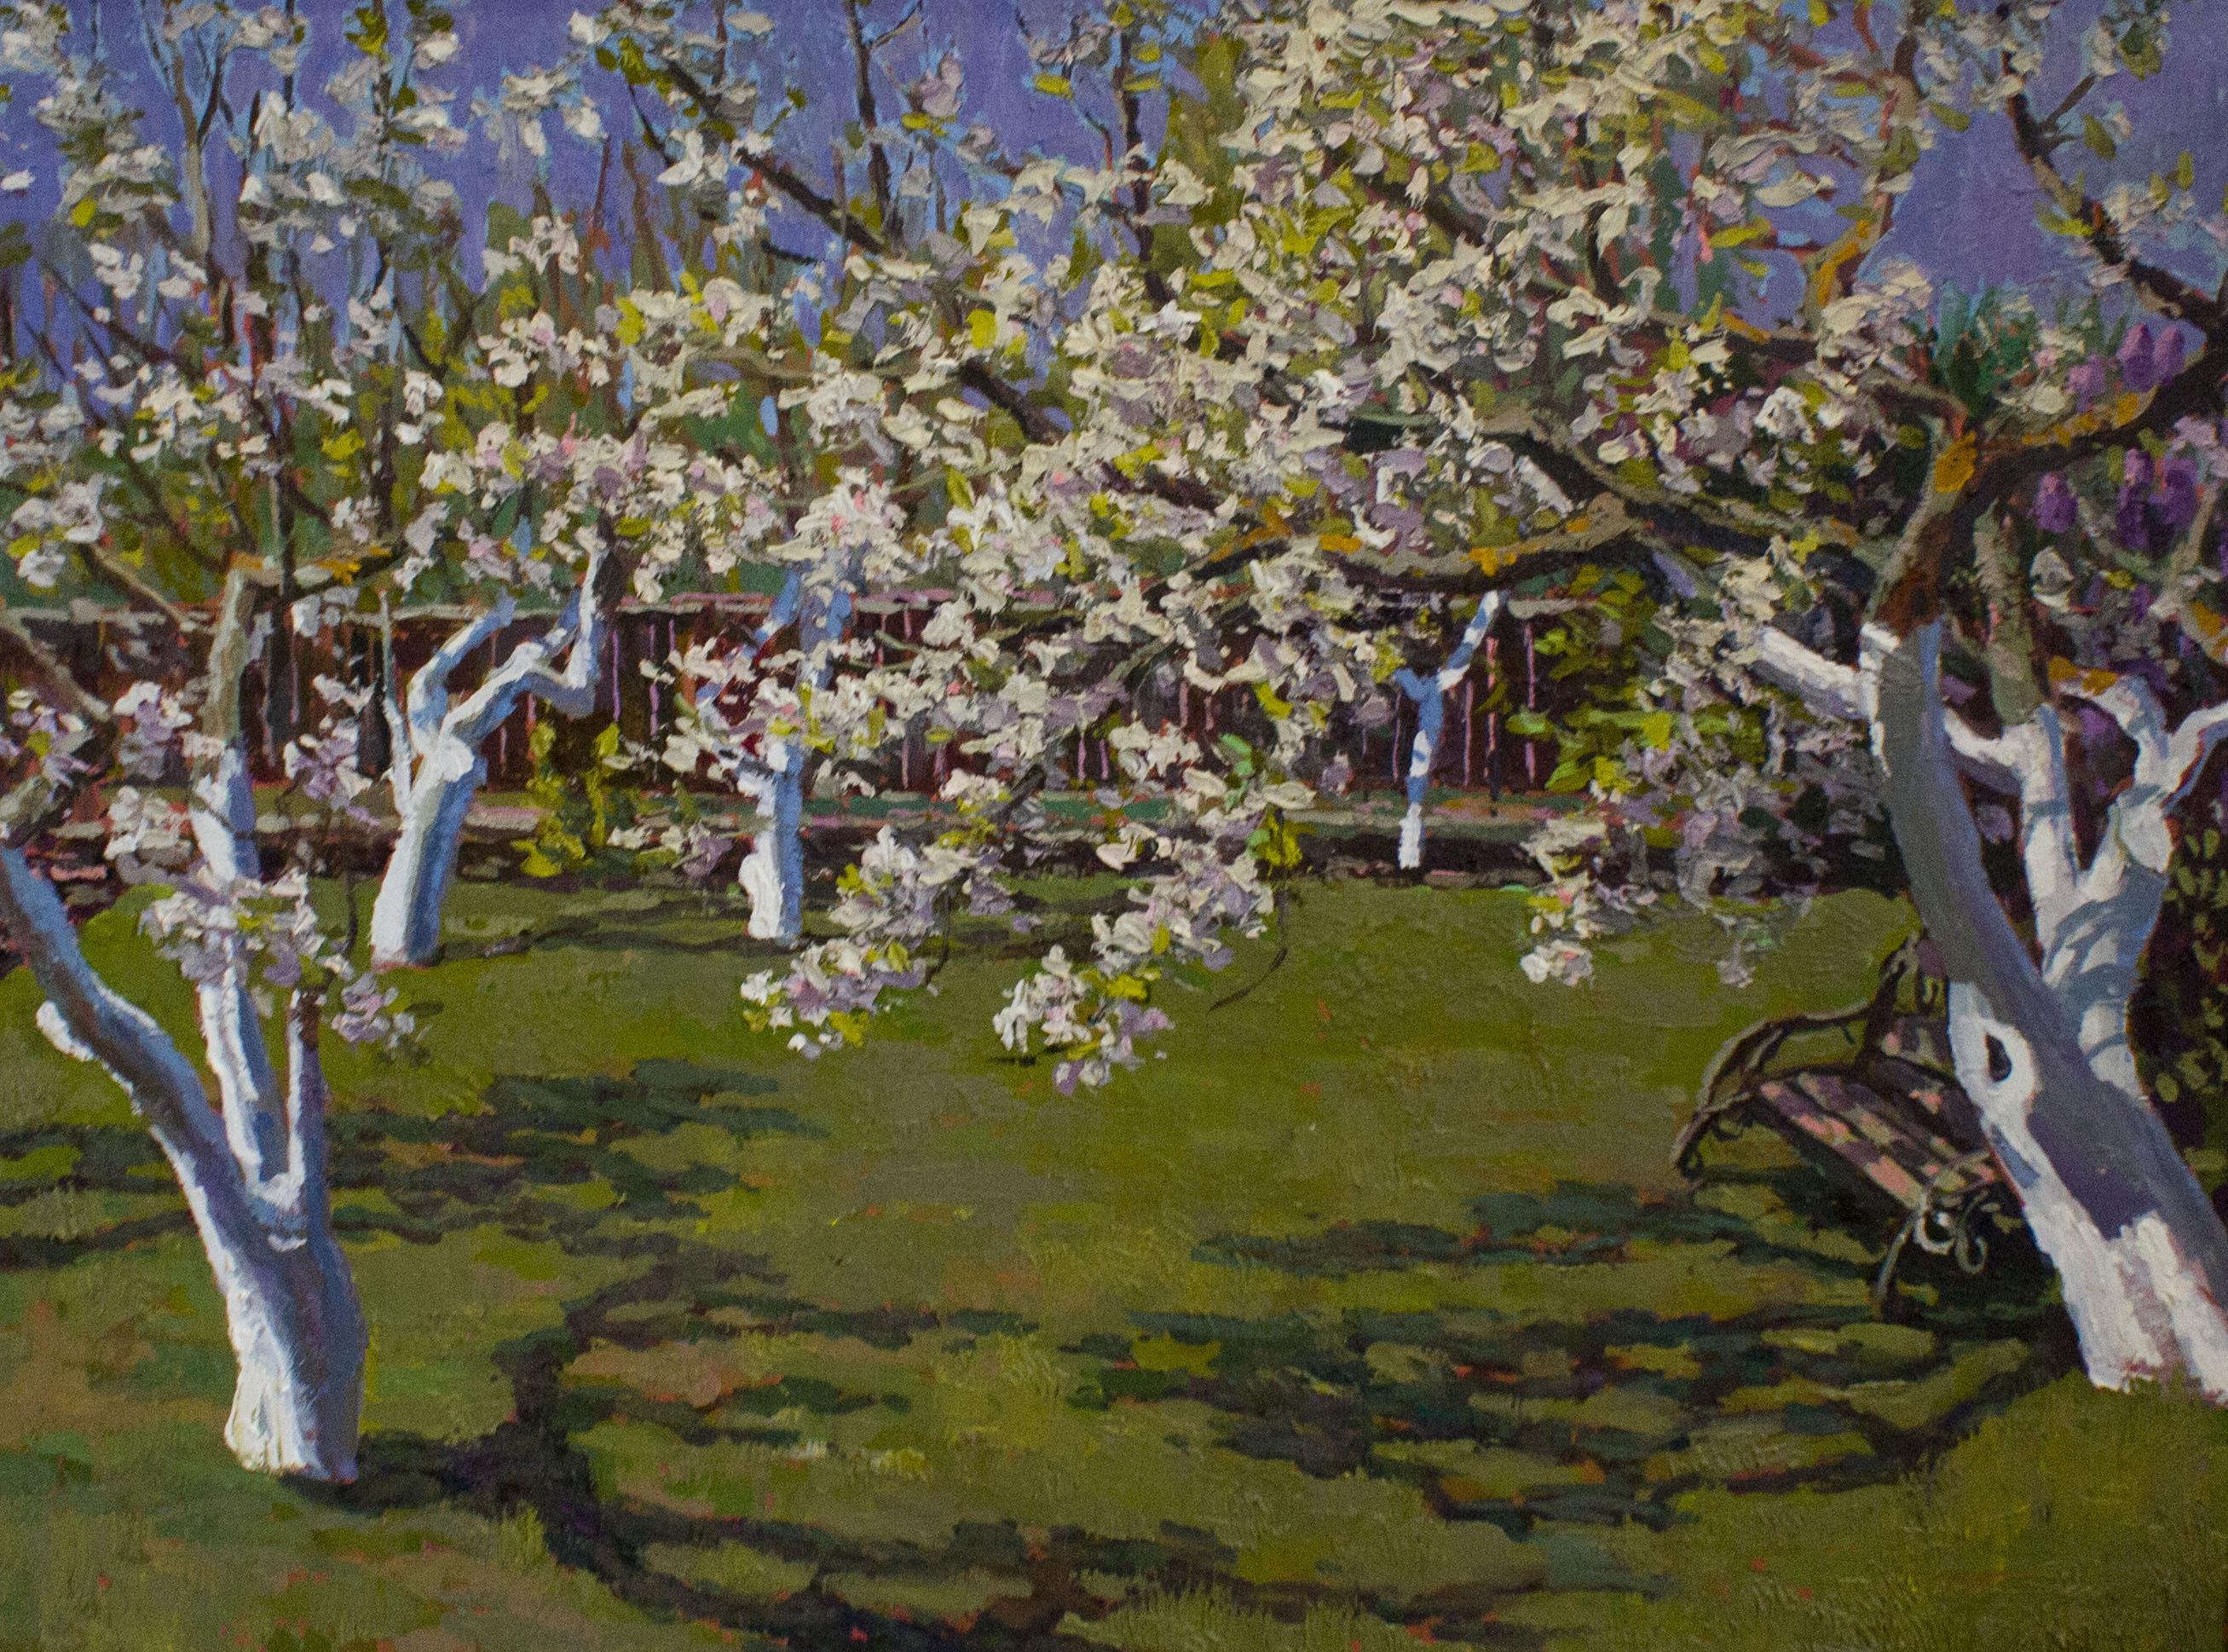 холст, масло. Картина с изображением весеннего цветущего сада.